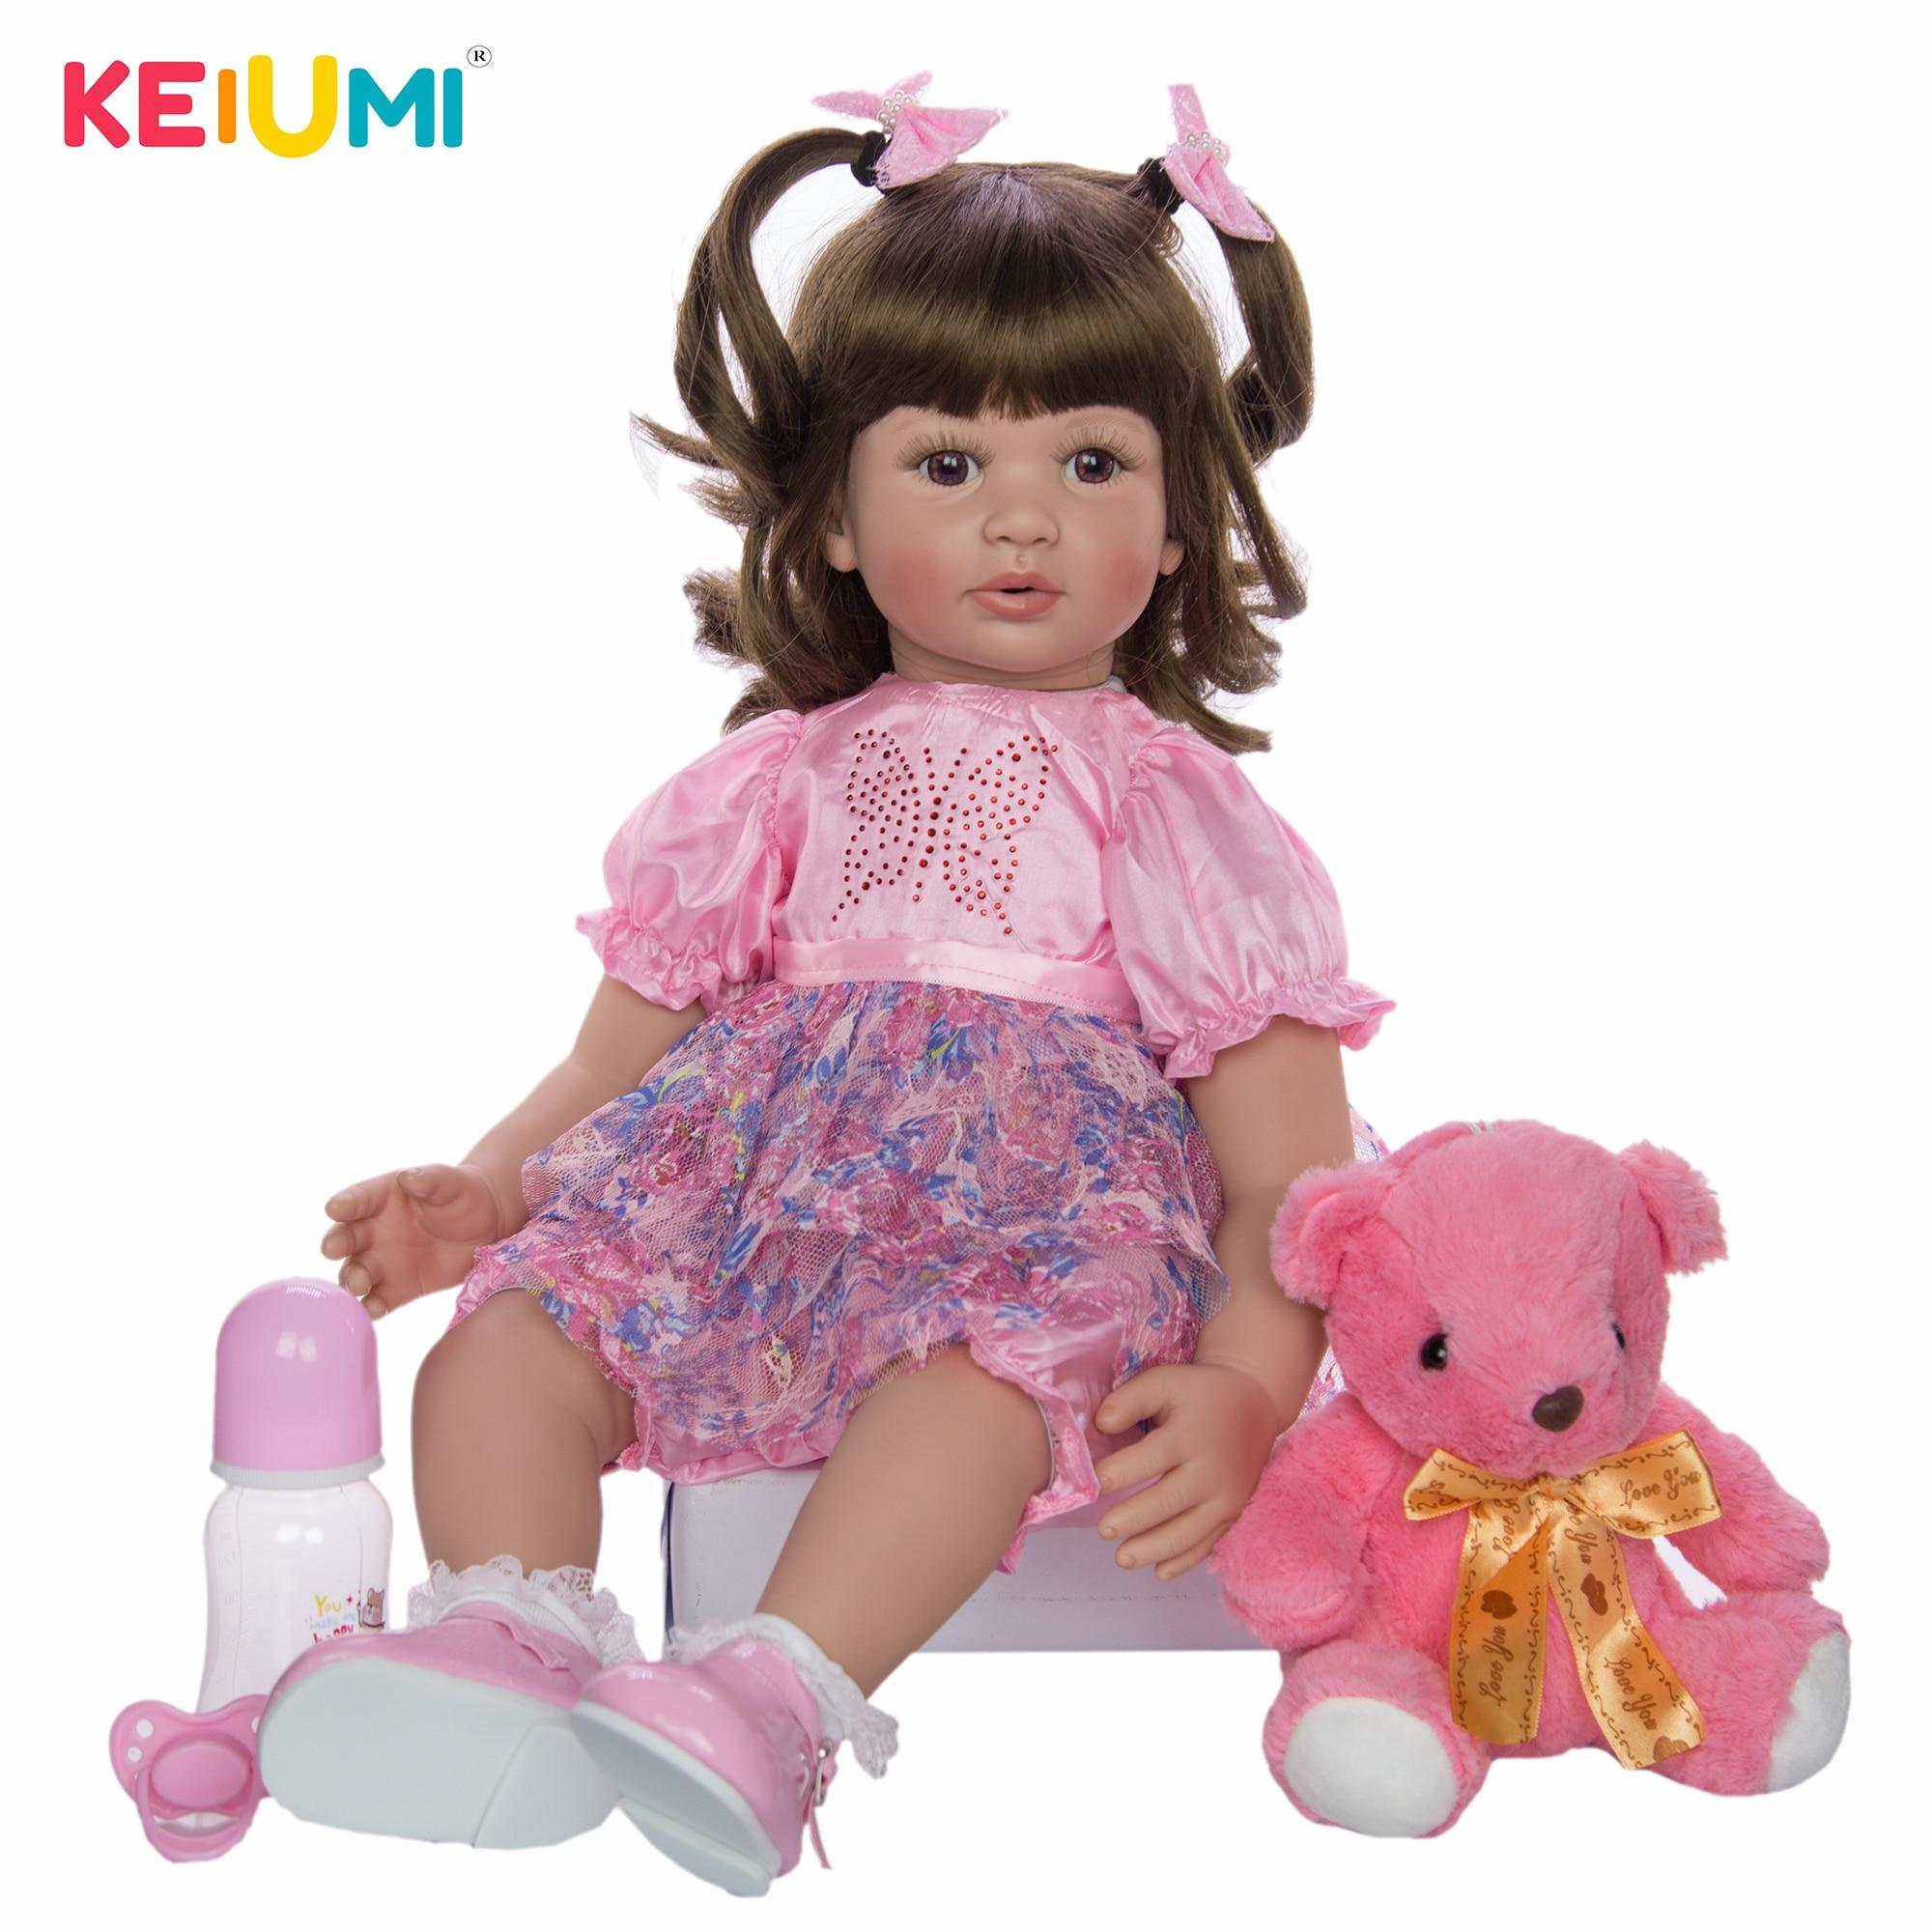 KEIUMI 24 Inch Reborn Dolls 60cm Cloth Body Newborn Girl Babies Toy Princess Boneca Baby Doll